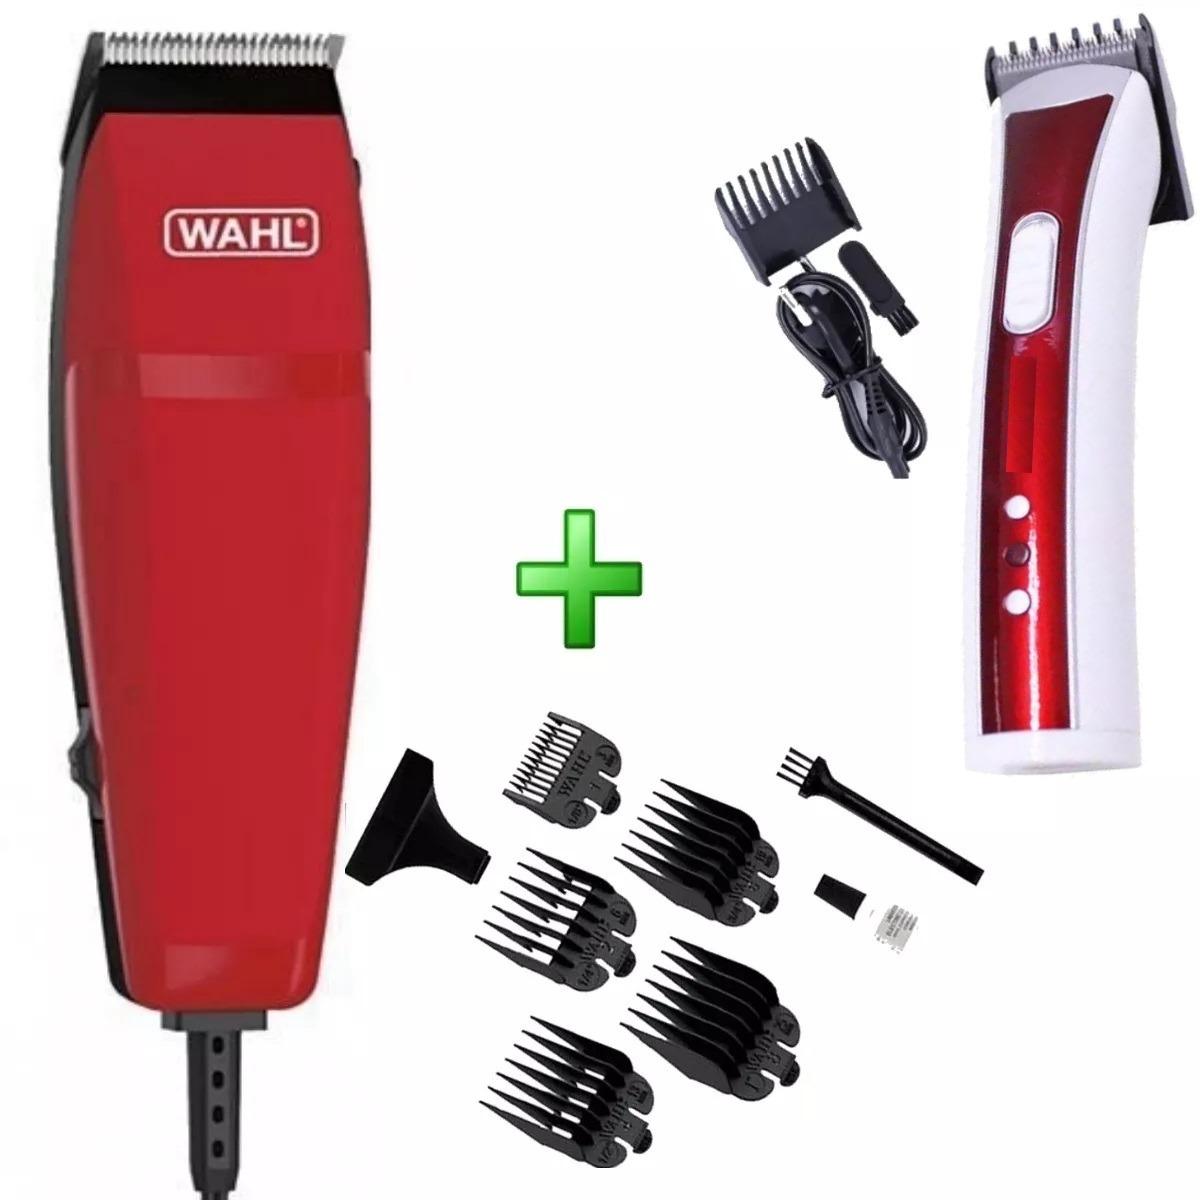 81e09318c cortador de cabelo wahl vr + maquina acabamento aparador. Carregando zoom.